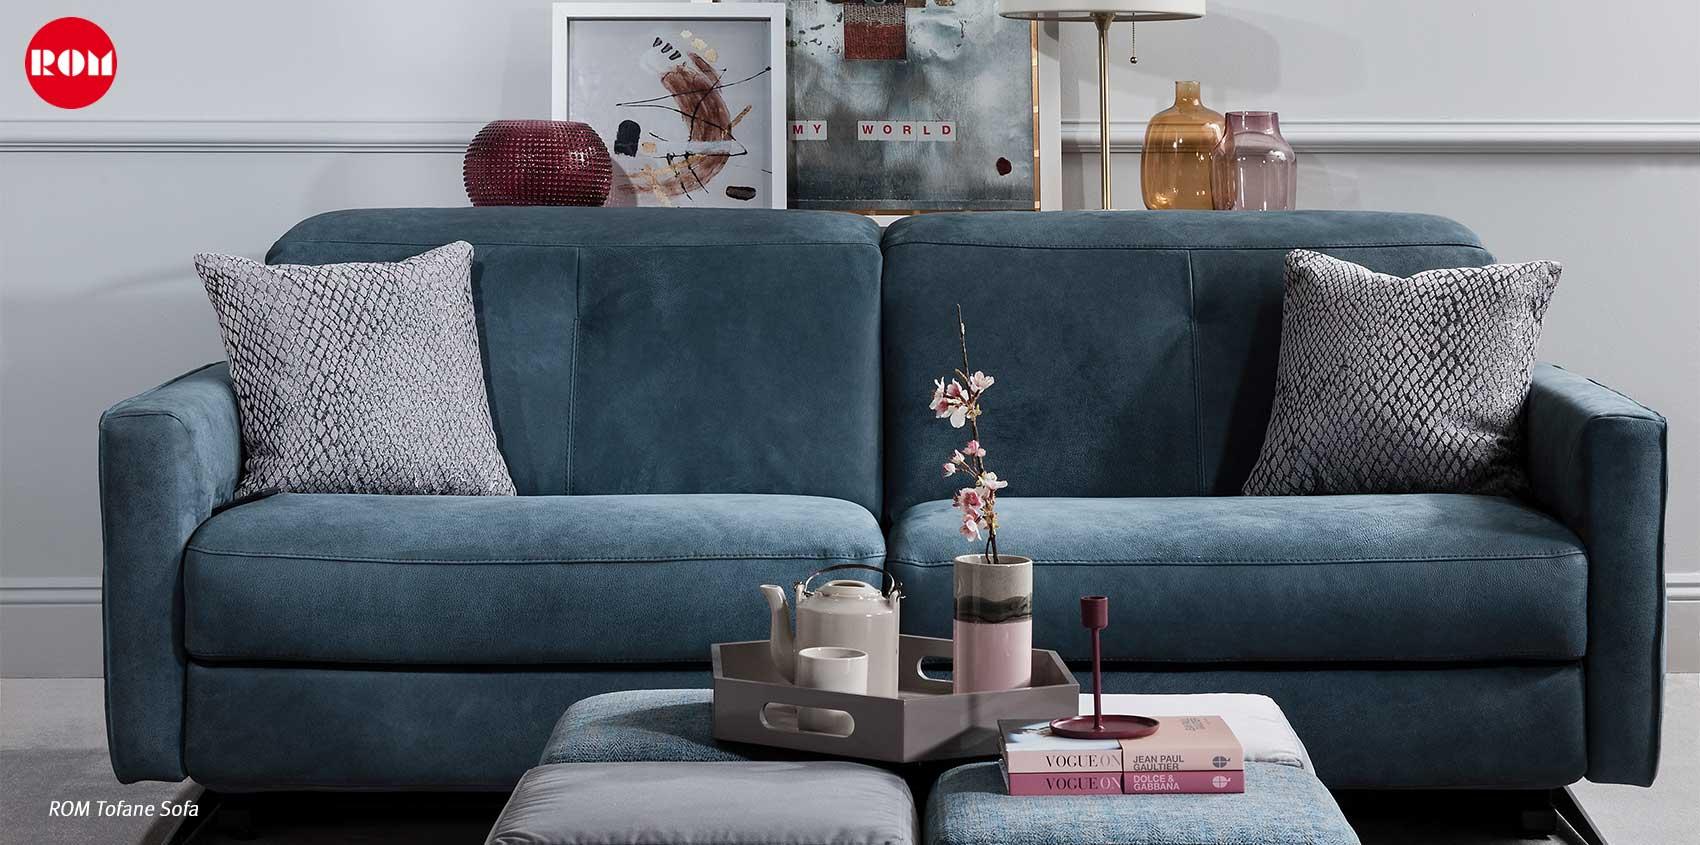 Rom Sale at Insitu Furniture